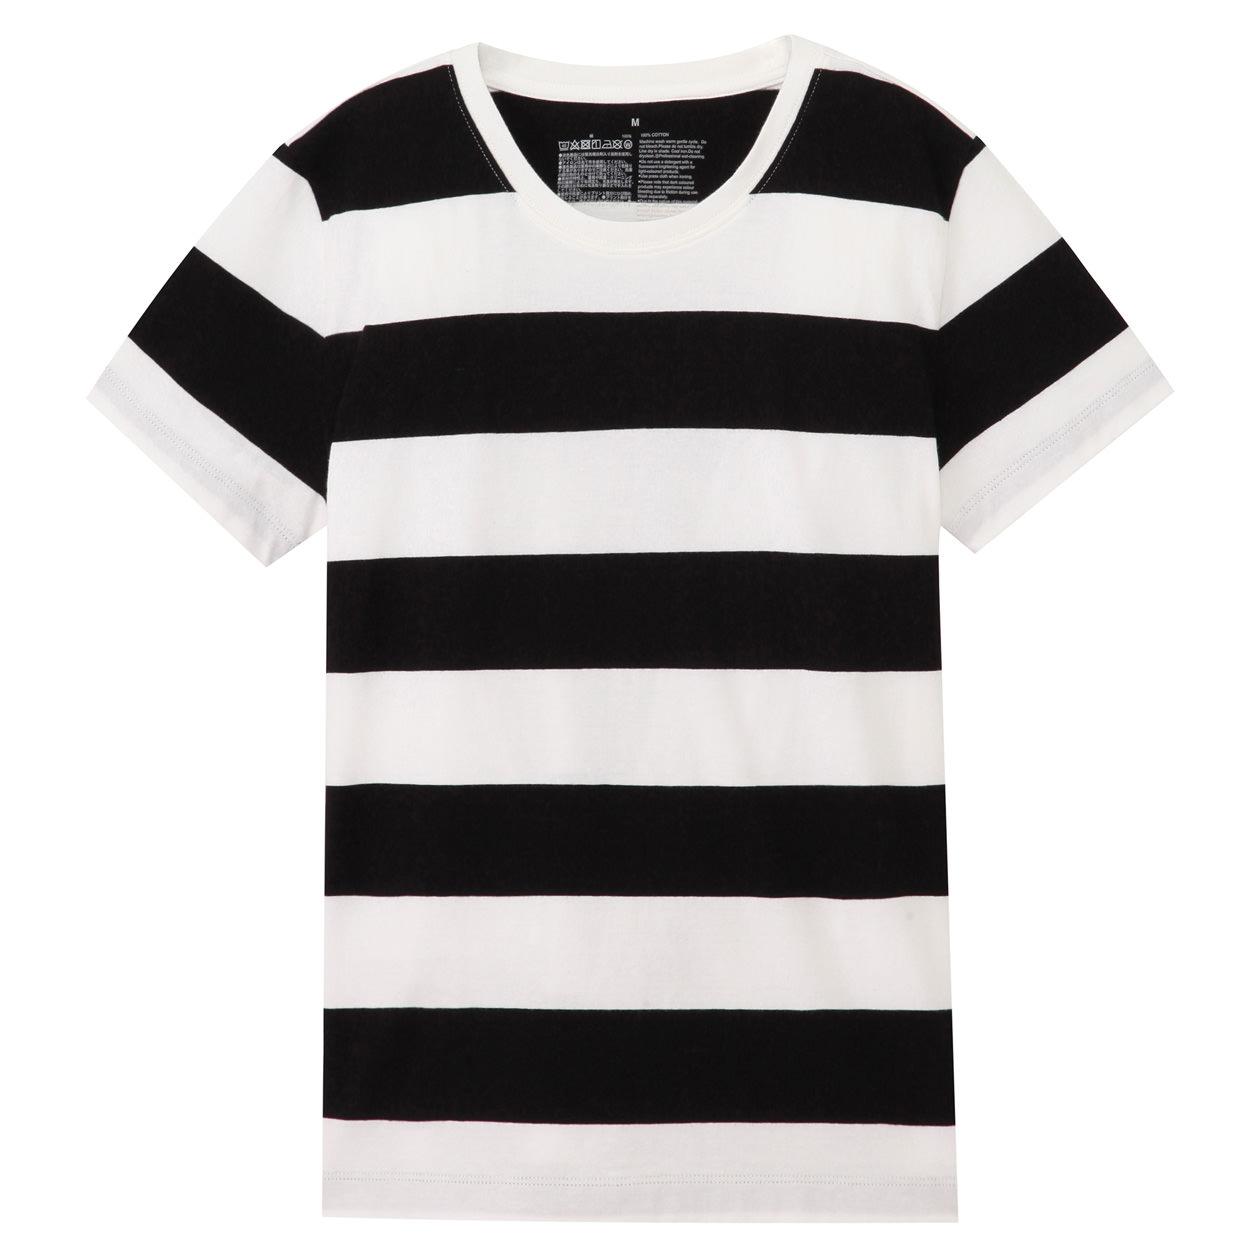 オーガニックコットンクルーネック半袖Tシャツ(ボーダー) 白×黒(太)